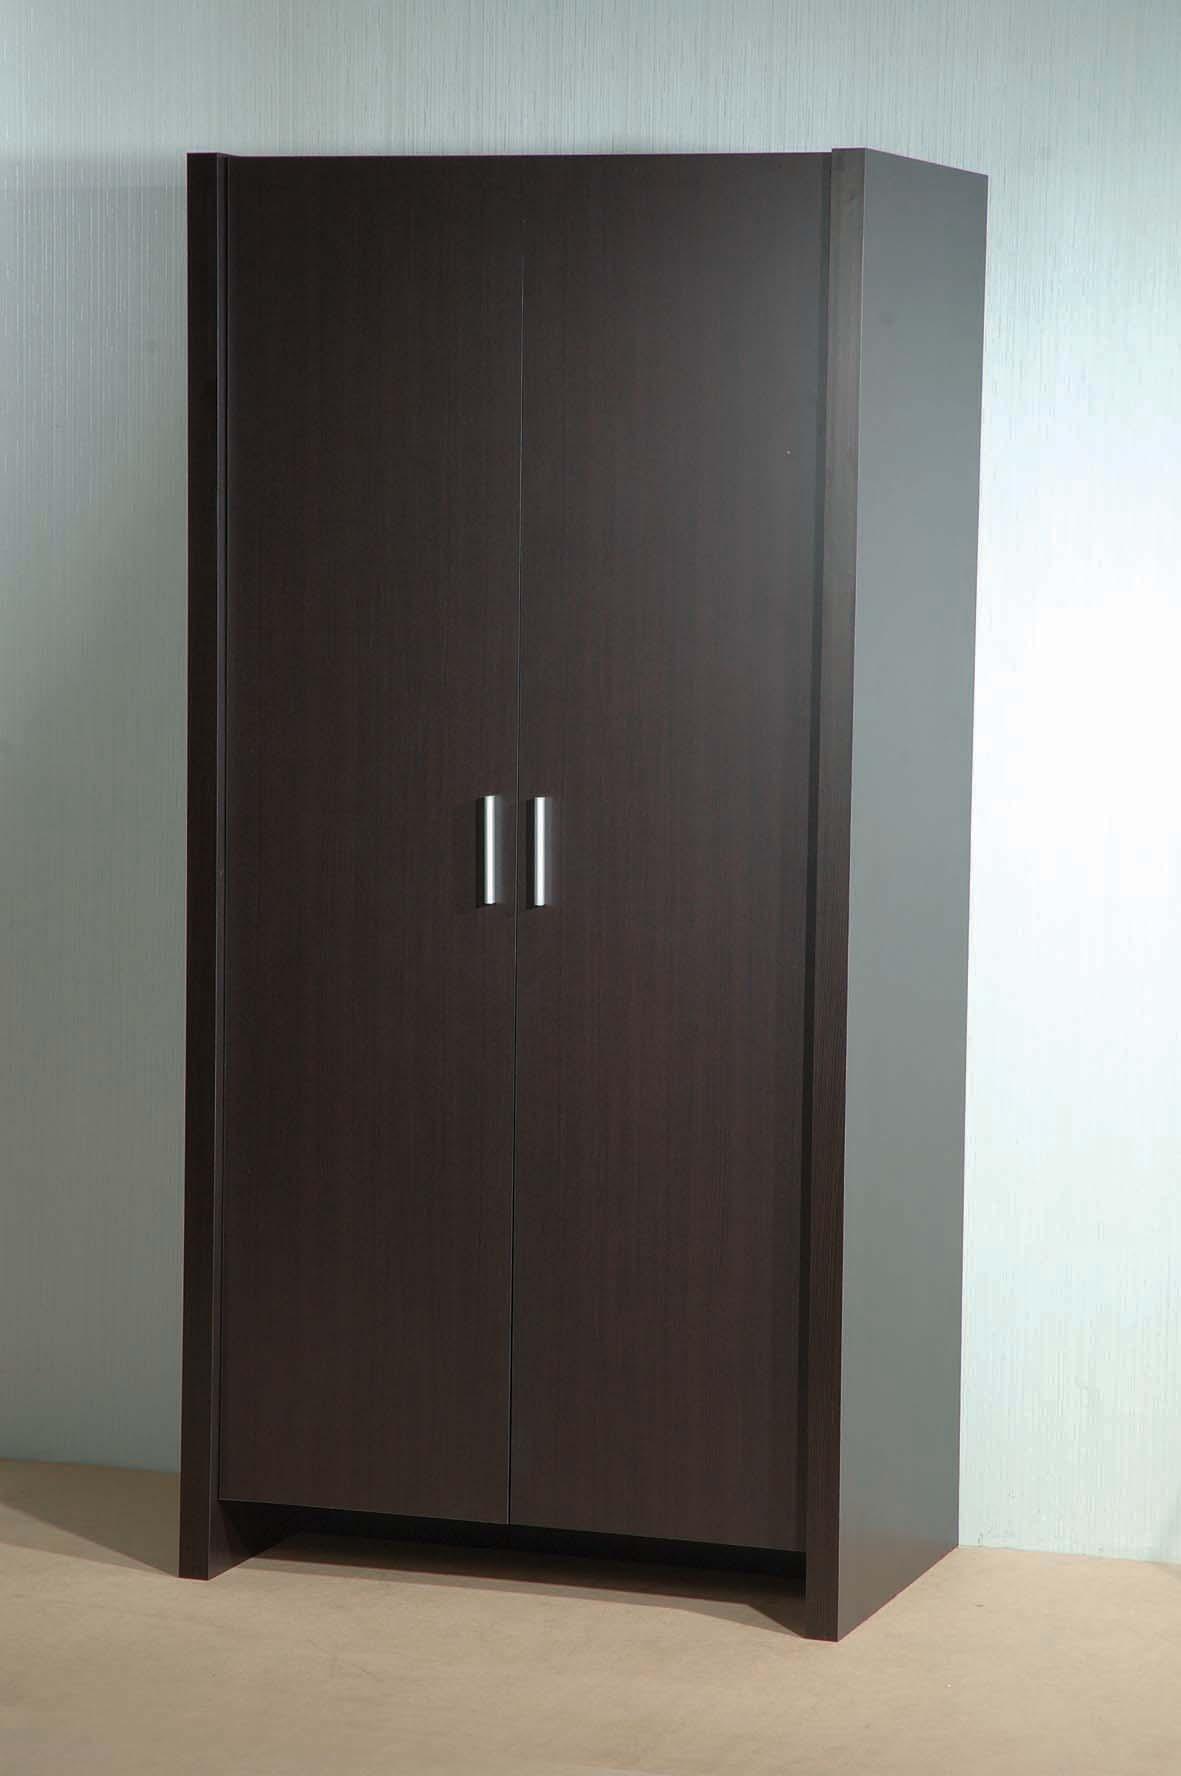 2 door metal wardrobe closet